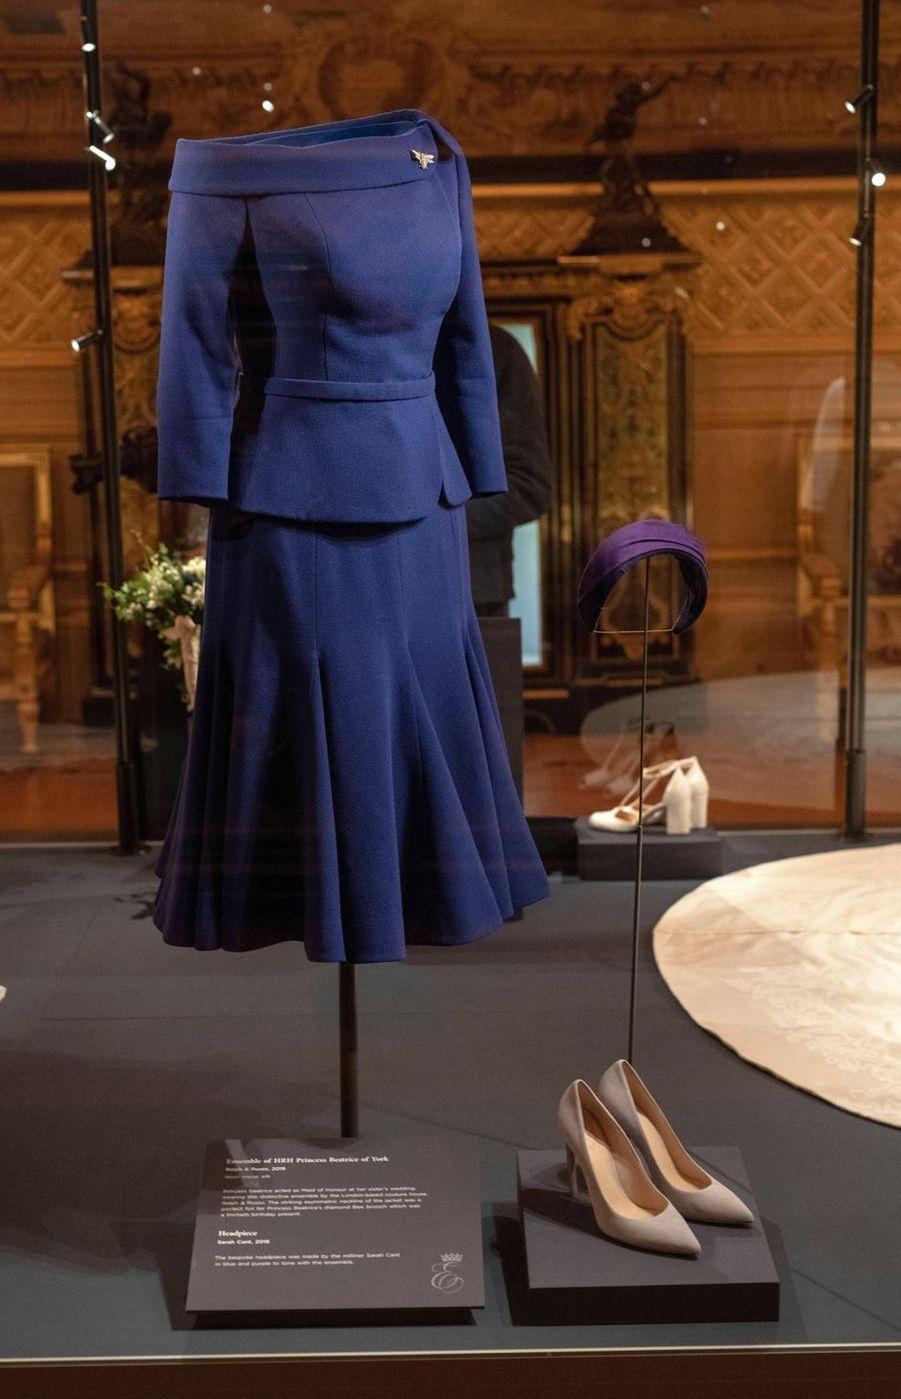 La tenue de la princesse Beatrice d'York au mariage de sa soeur exposée à Windsor, le 28 février 2019